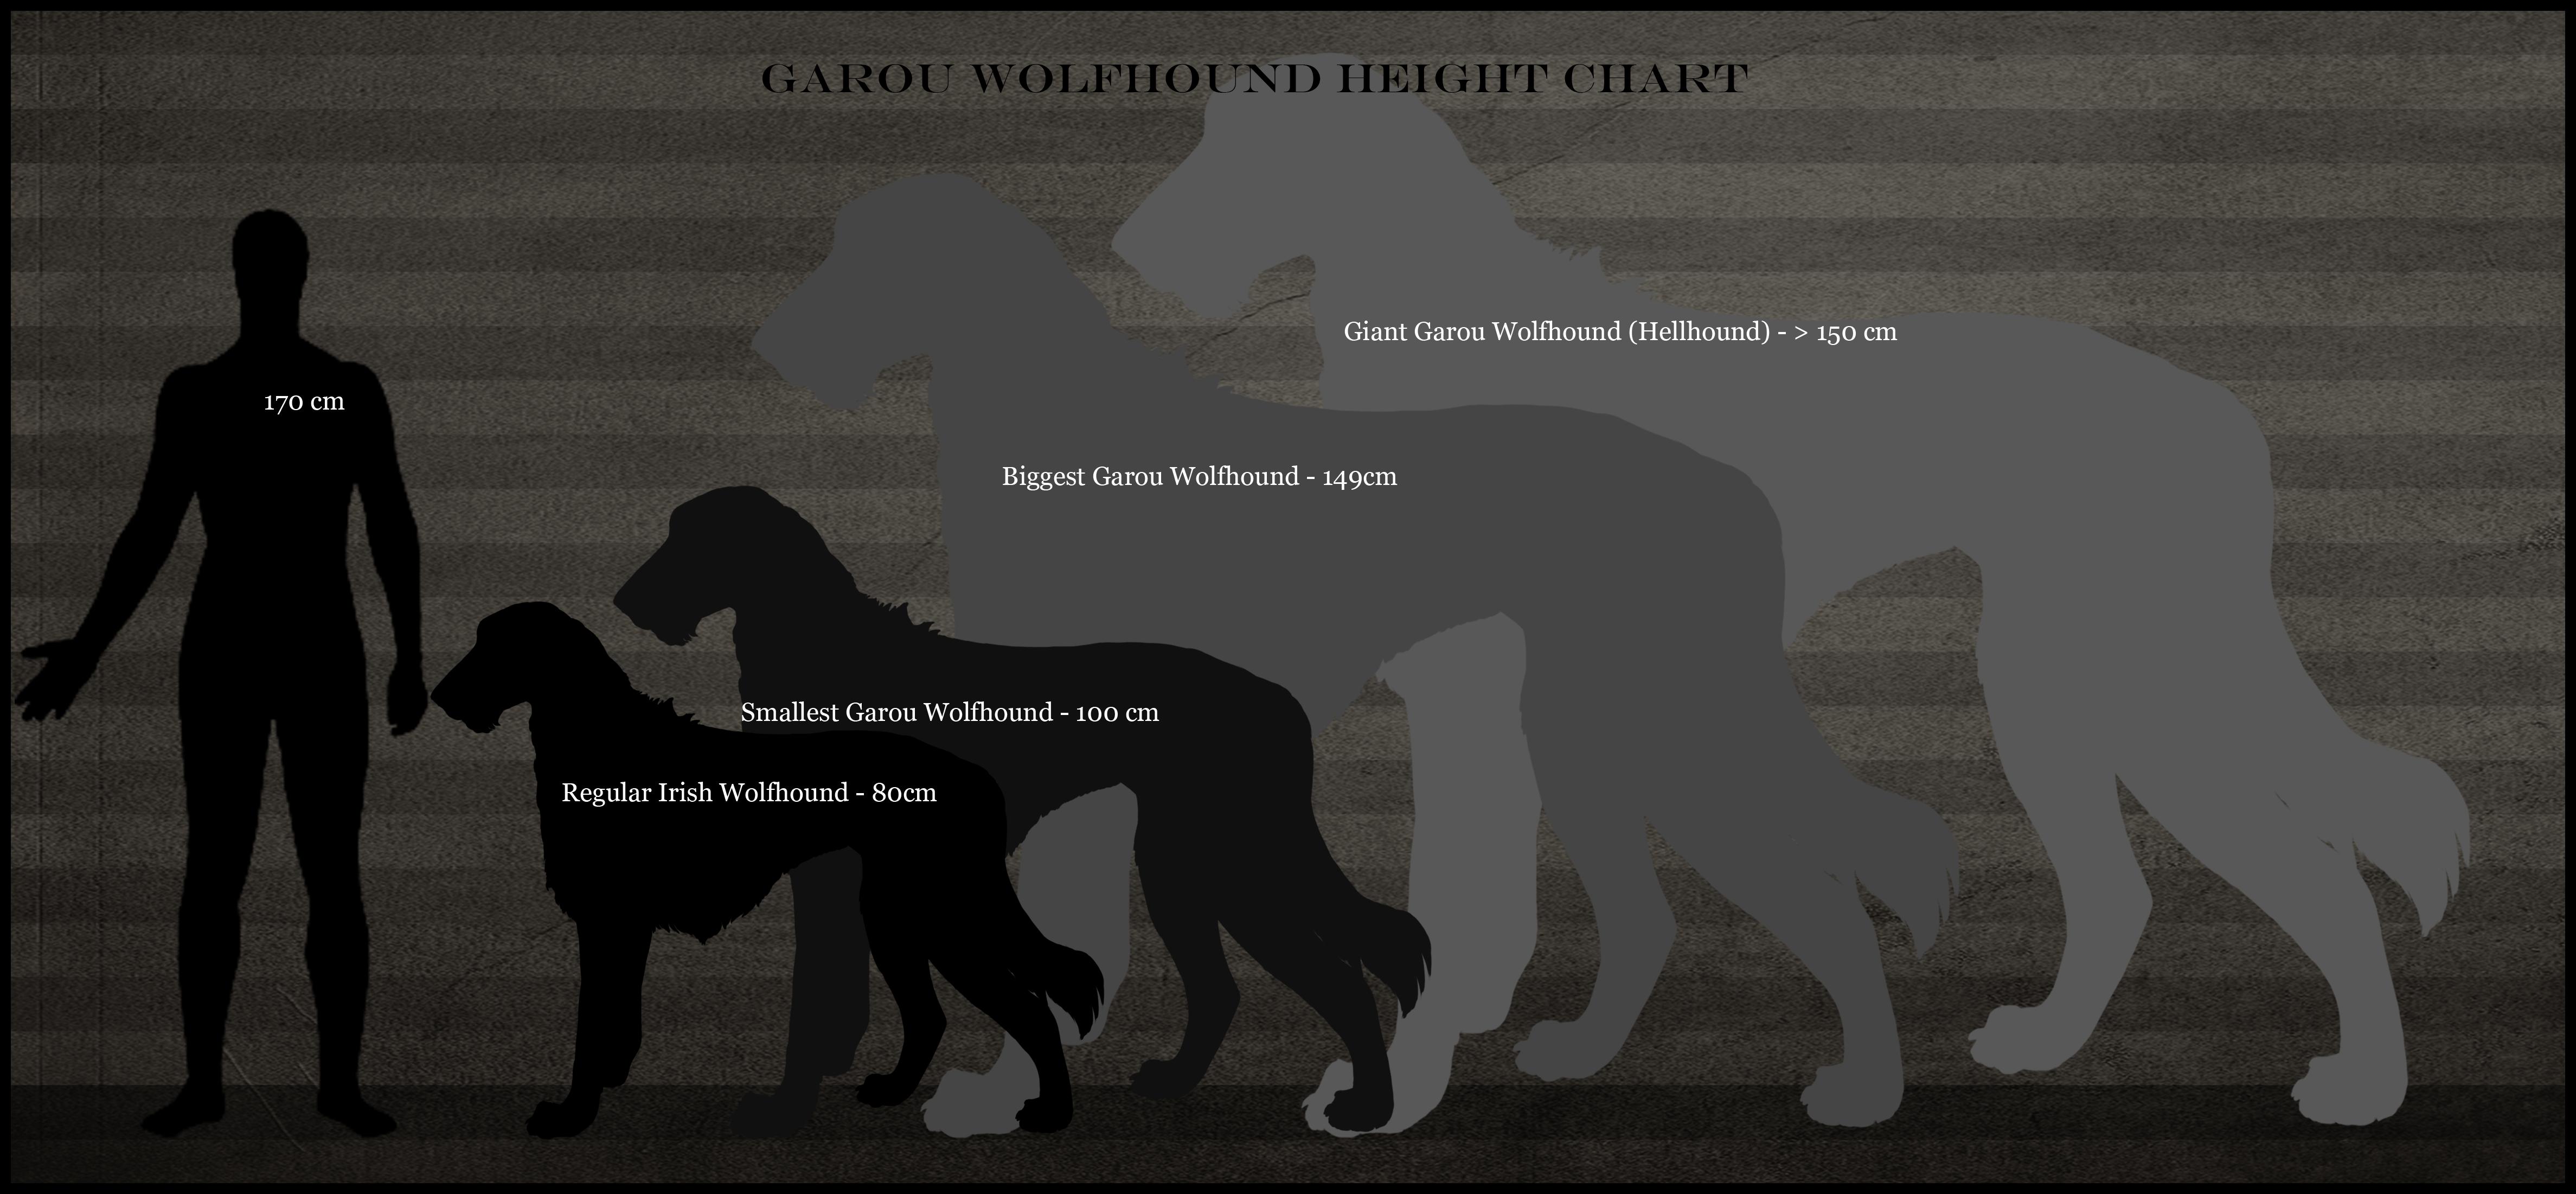 Garou Wolfhound height...